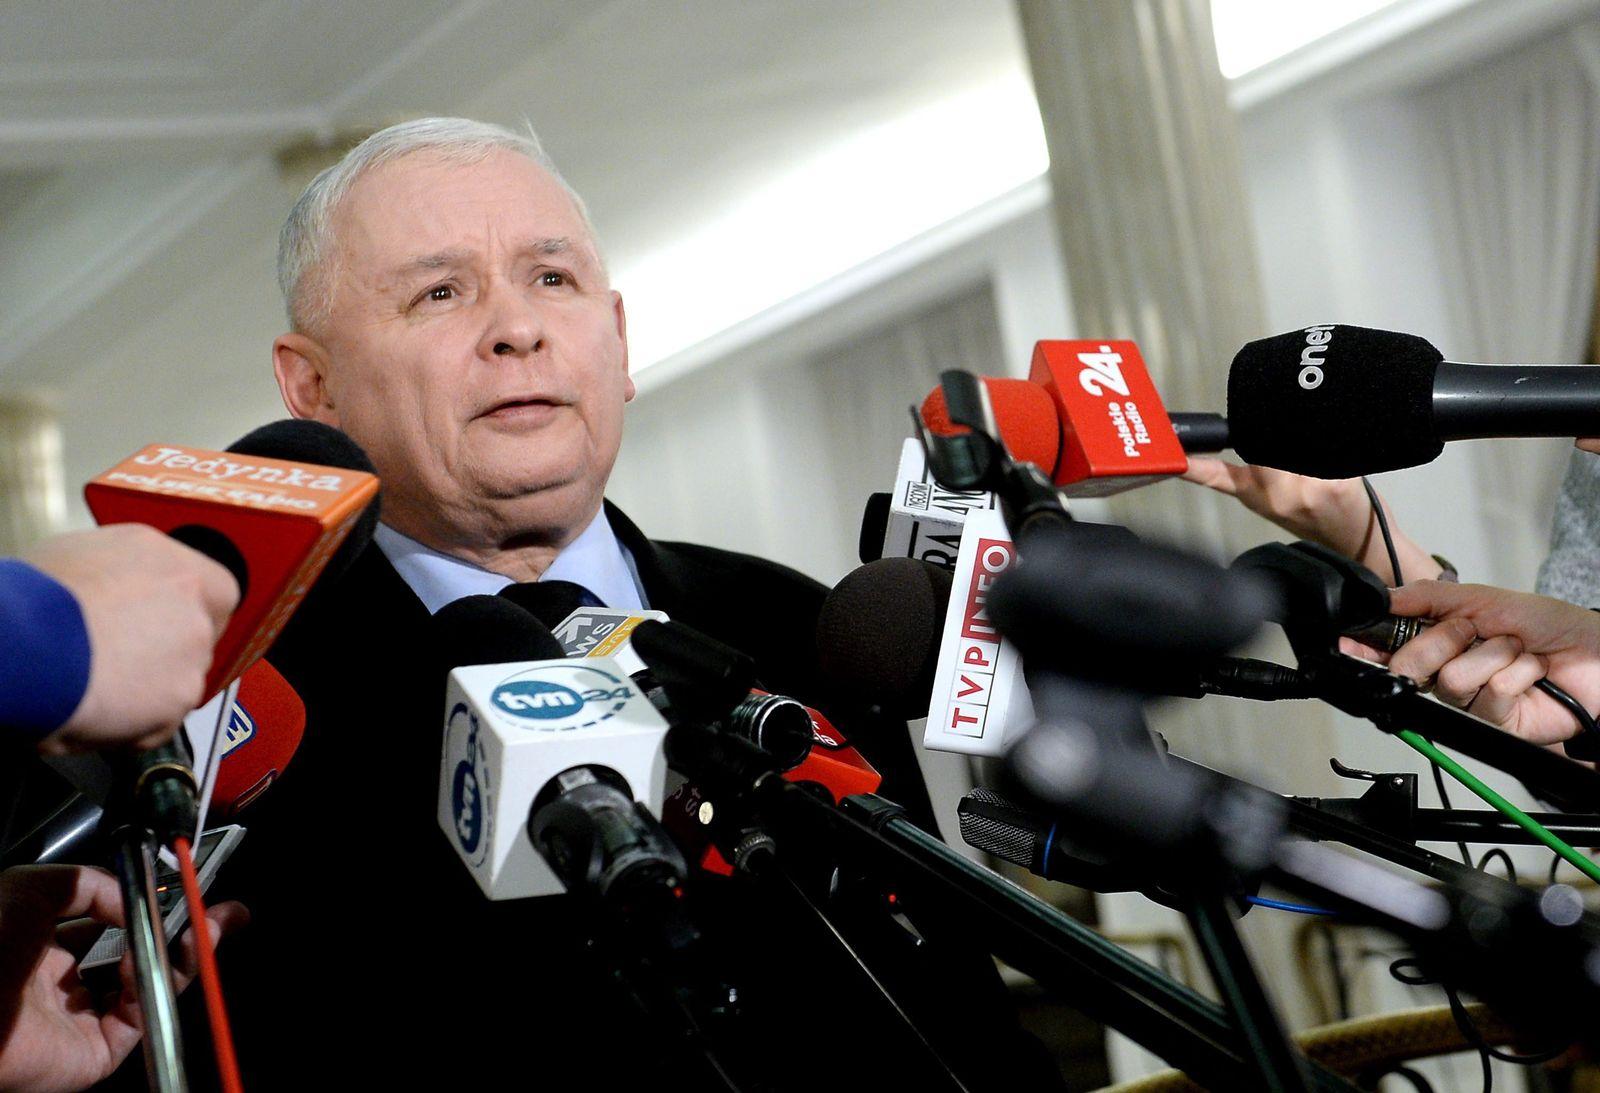 Law and Justice party leader Jaroslaw Kaczynski